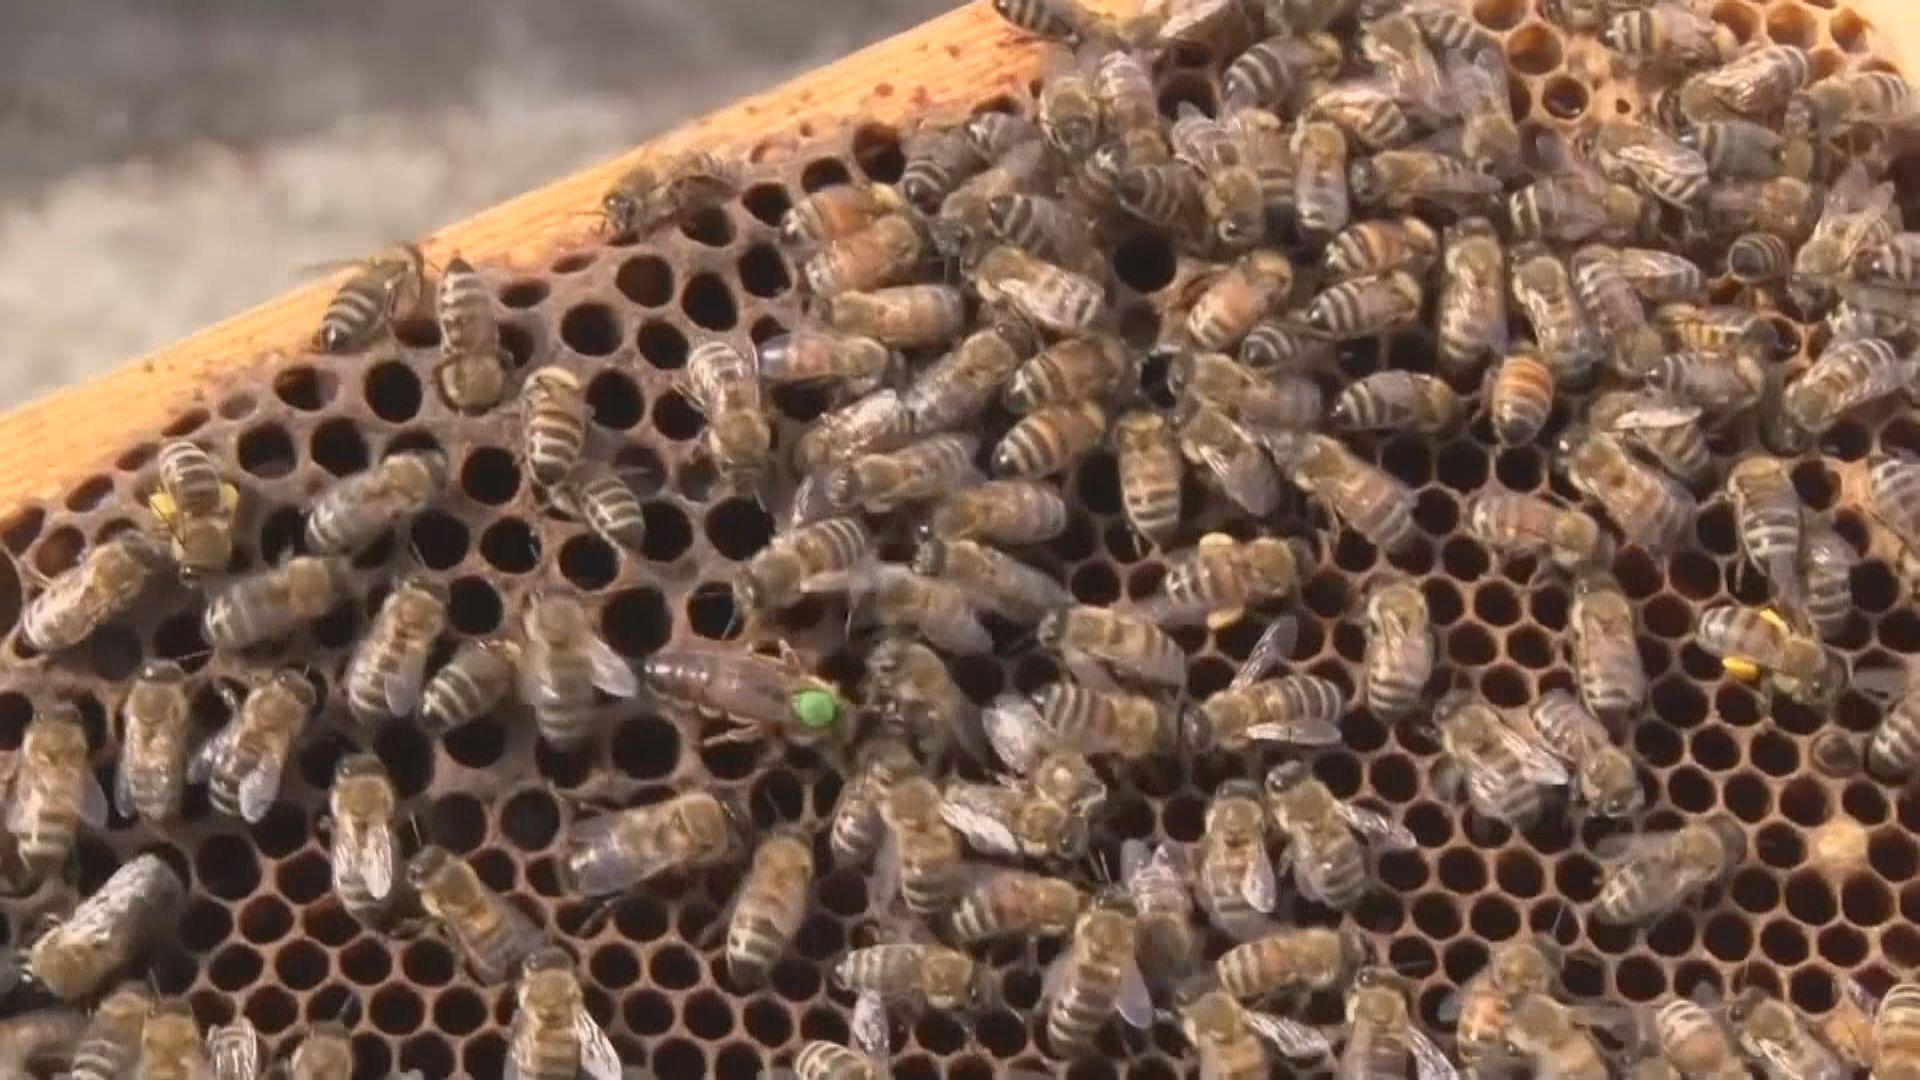 【環球薈報】俄羅斯部分地區蜜蜂數量銳減